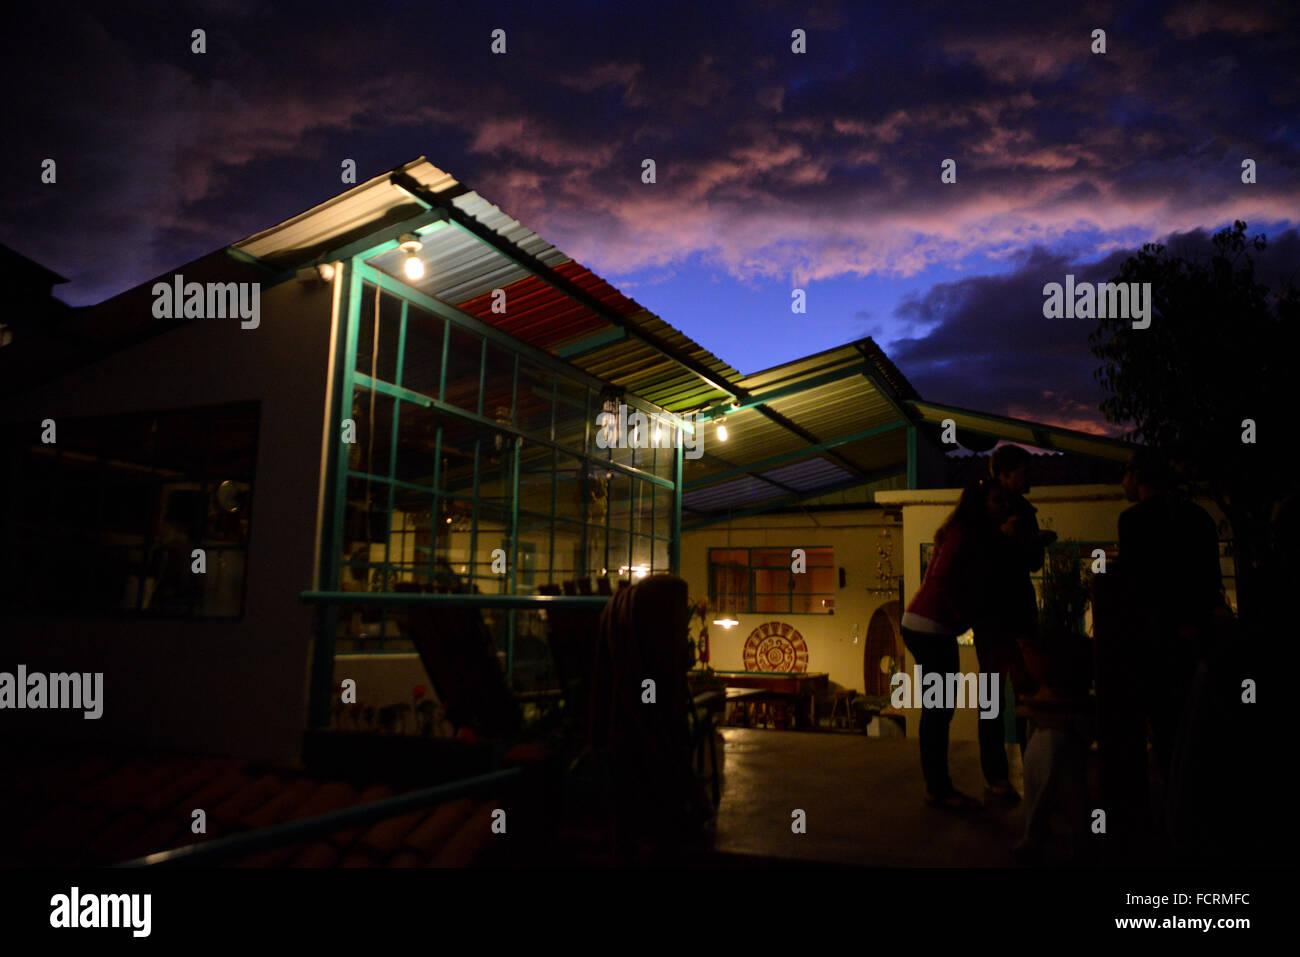 Evening at the Hostel in Quito, Ecuador - Stock Image